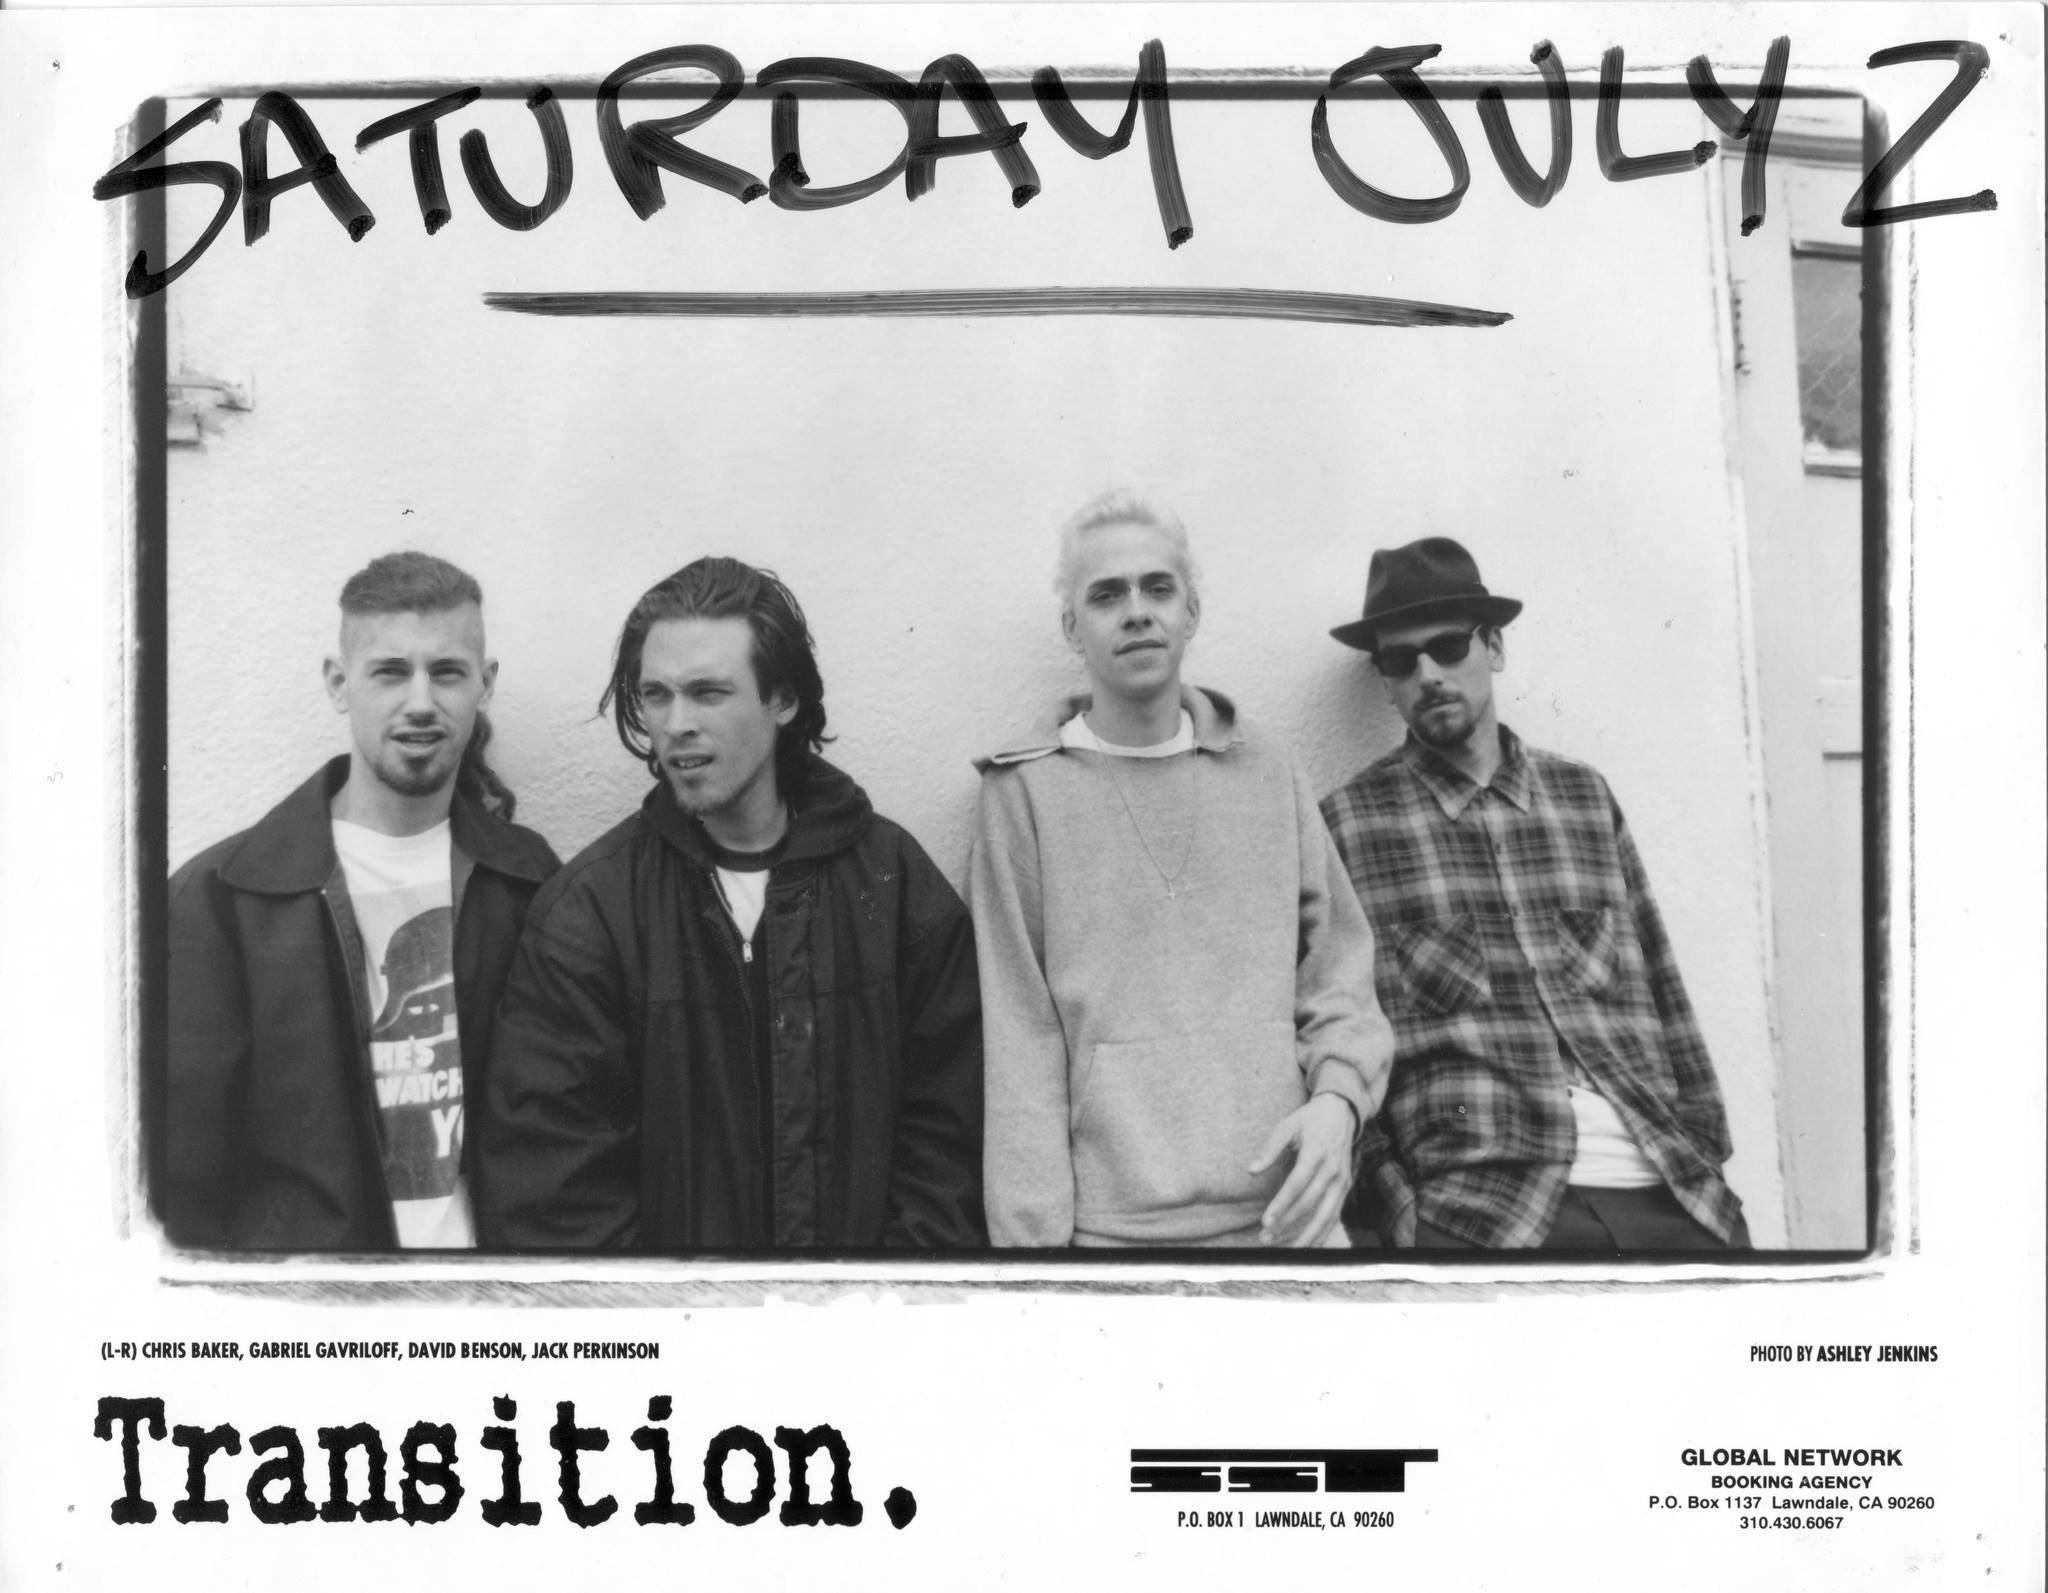 TransitionSST